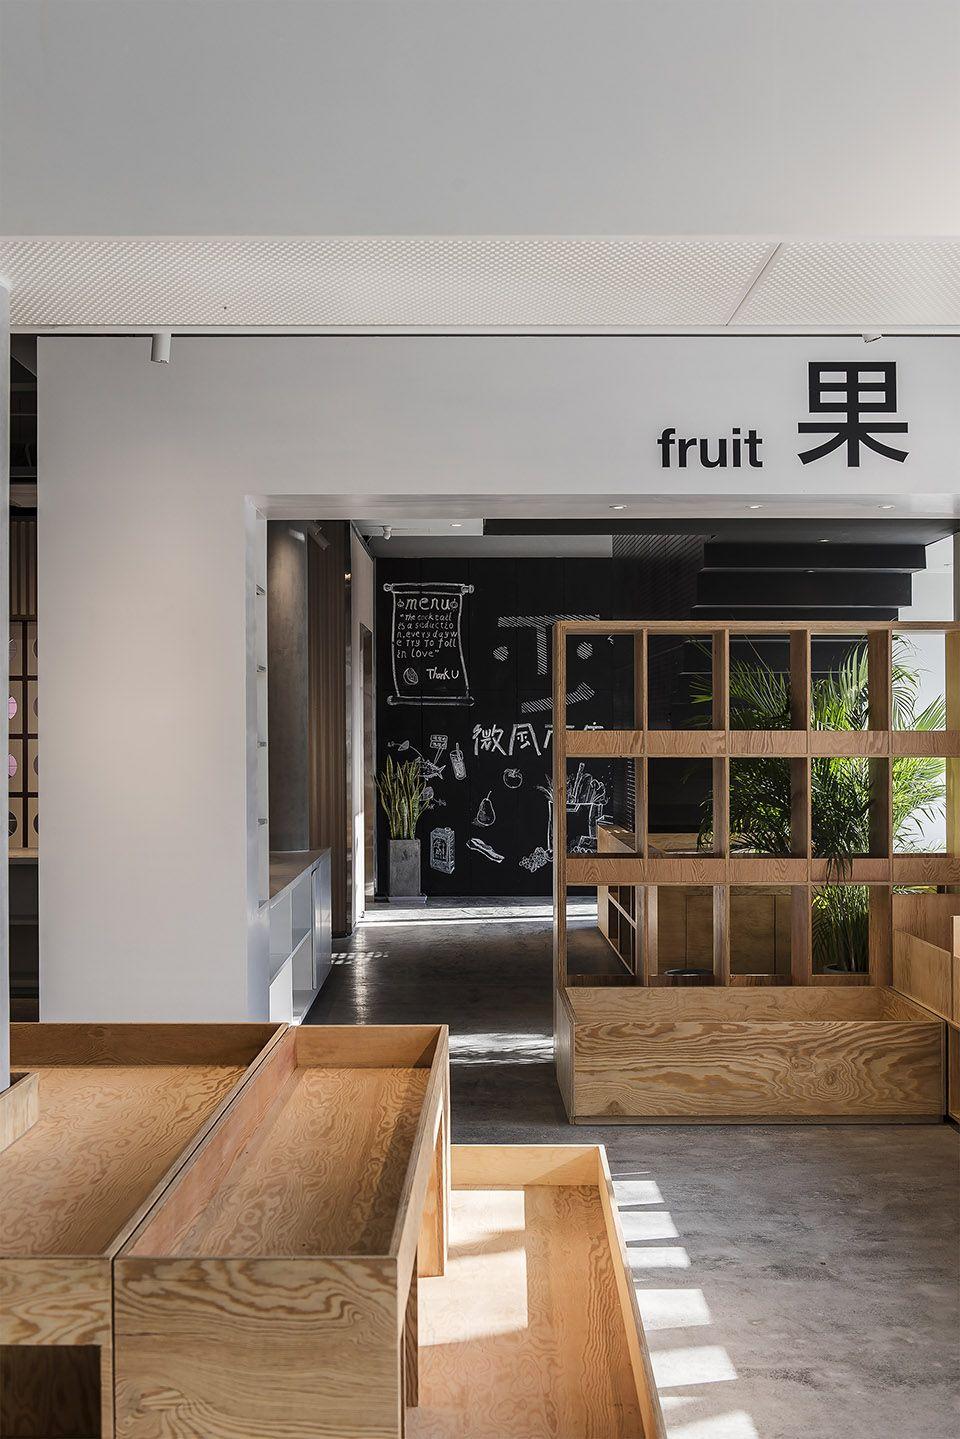 前门老街区的一部清亮短篇,北京微风市集   未来以北工作室 未来以北工作室 - 9